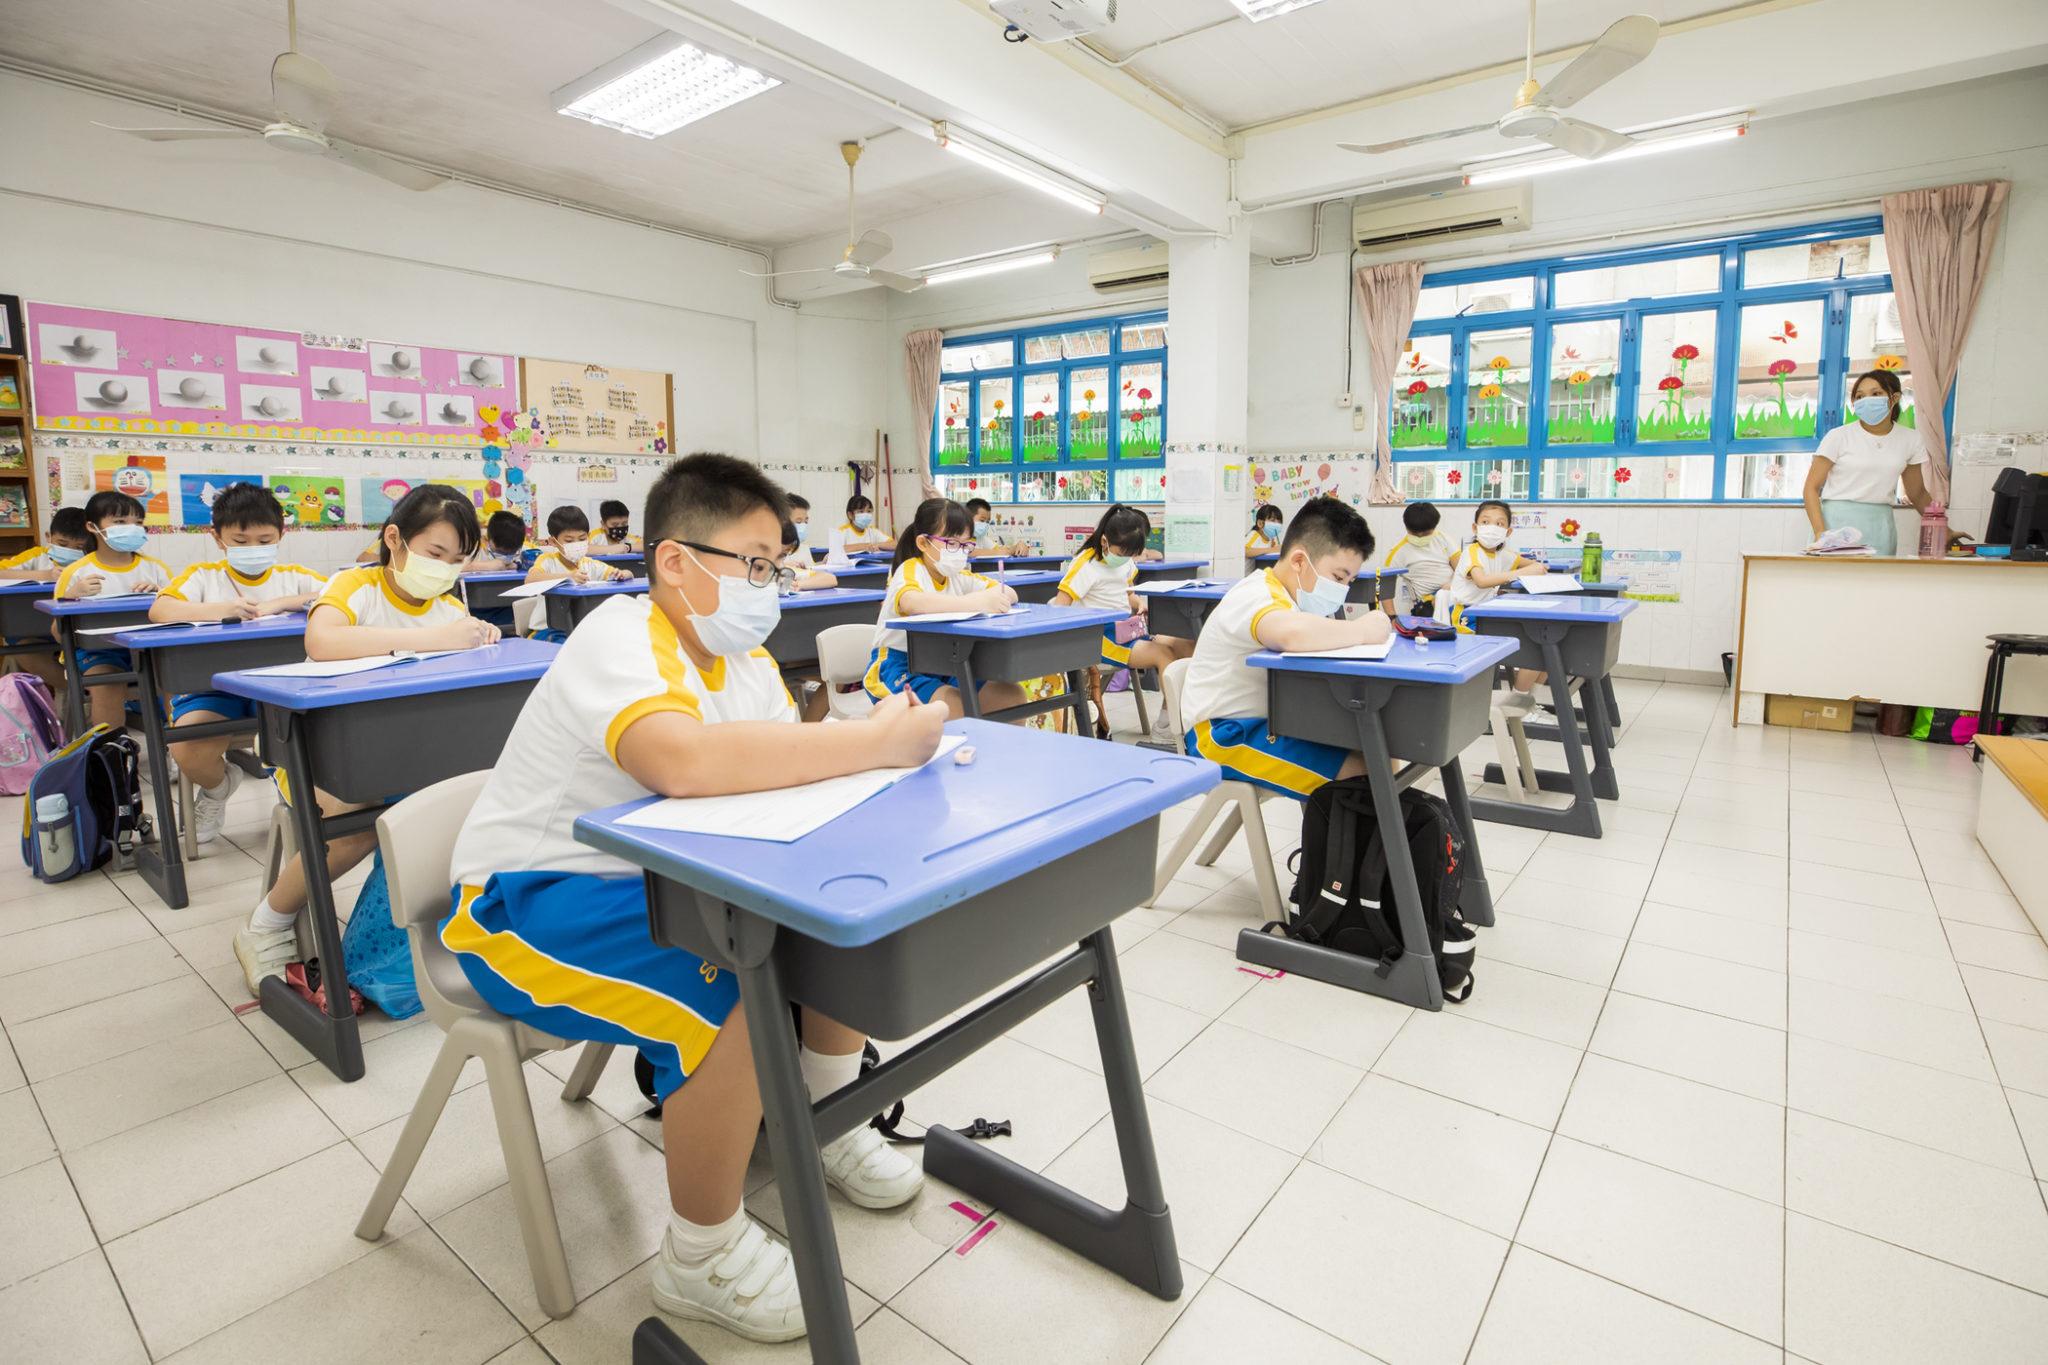 Ensino | Intercâmbio de docentes da China custou mais de 145 milhões de patacas